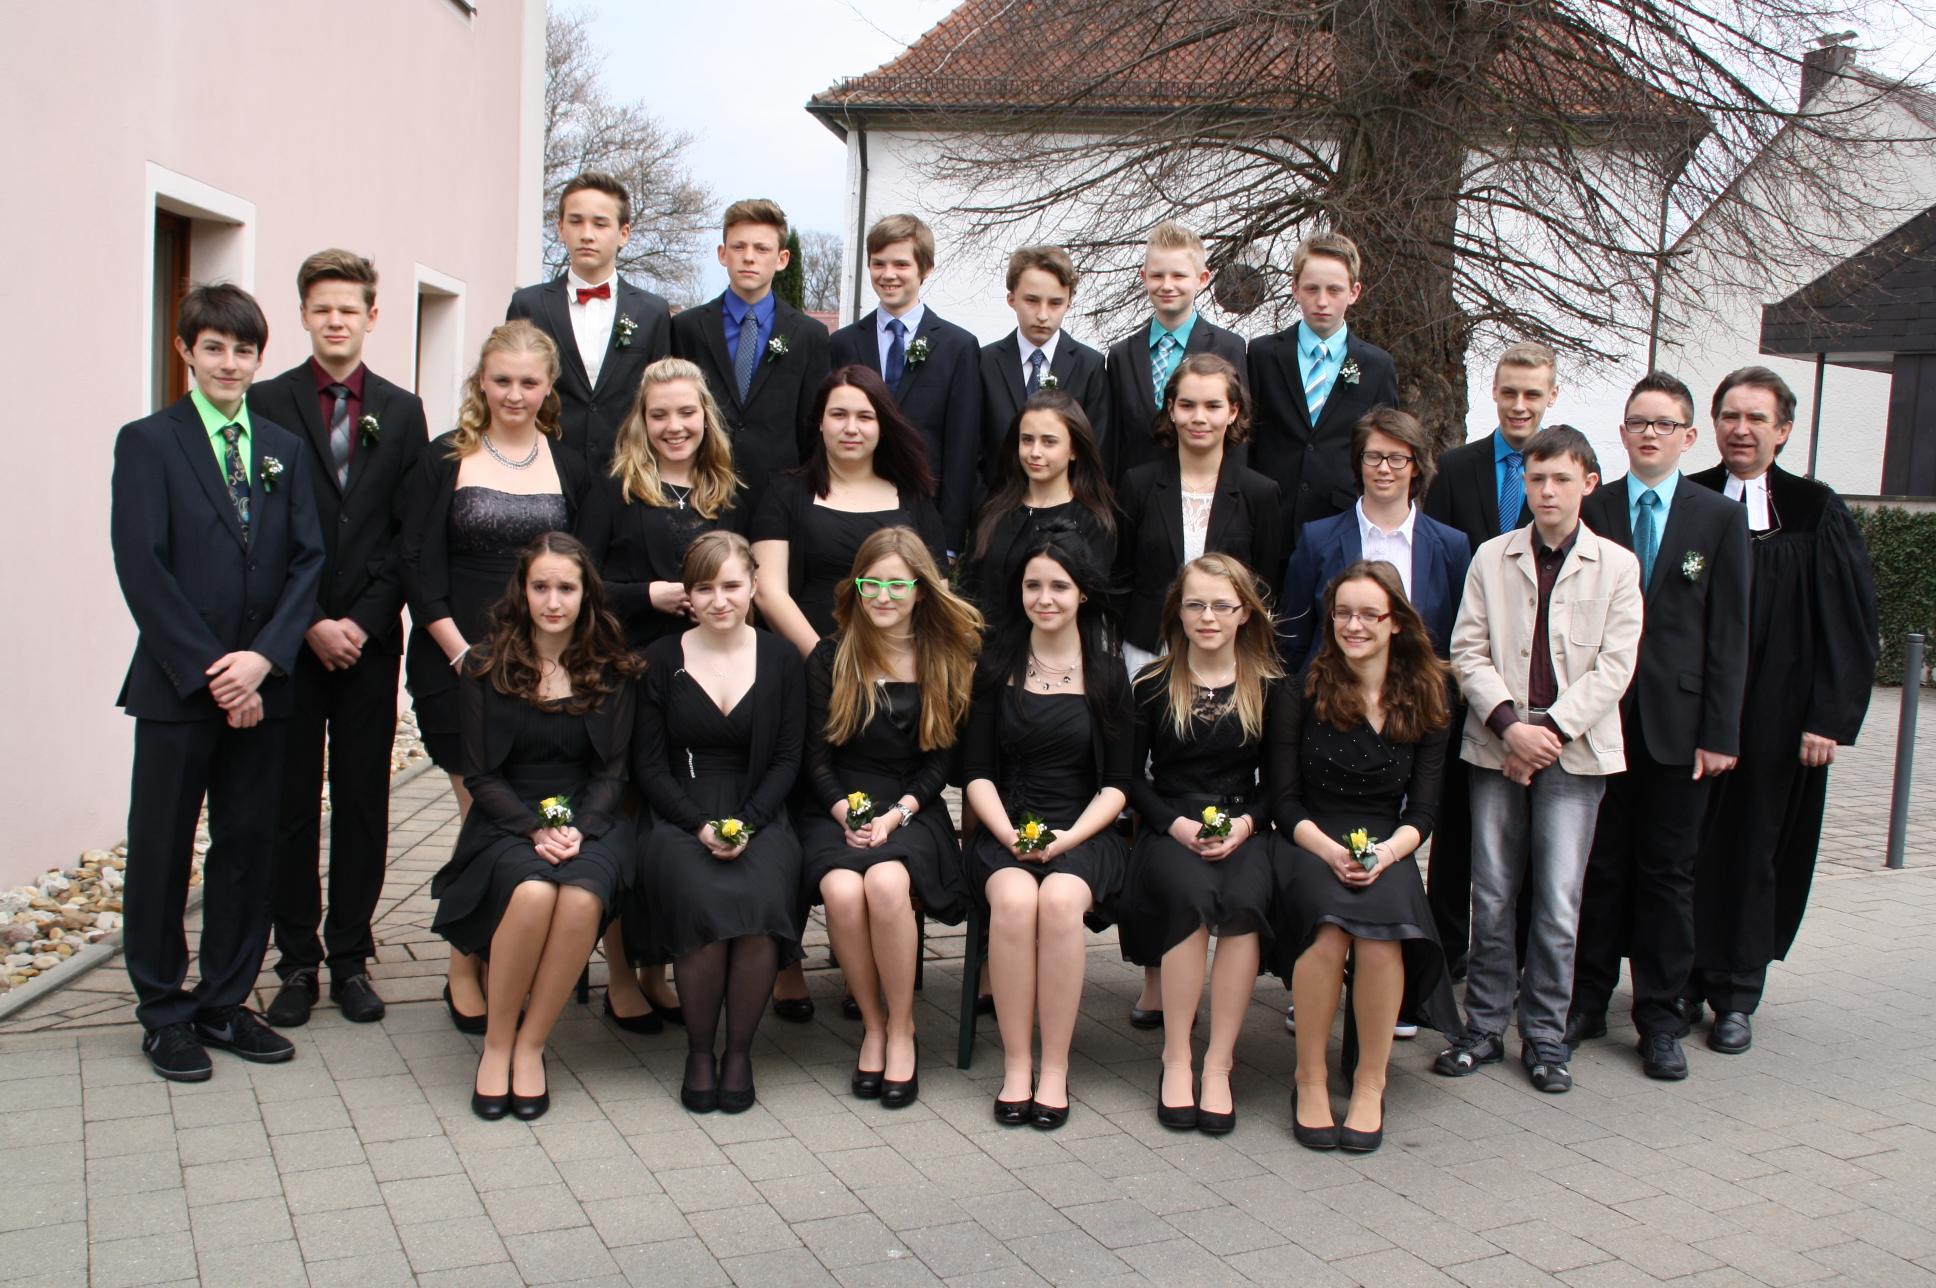 Die Konfirmanden und Konfirmandinnen der Kirchengemeinden Weisendorf und Rezelsdorf.